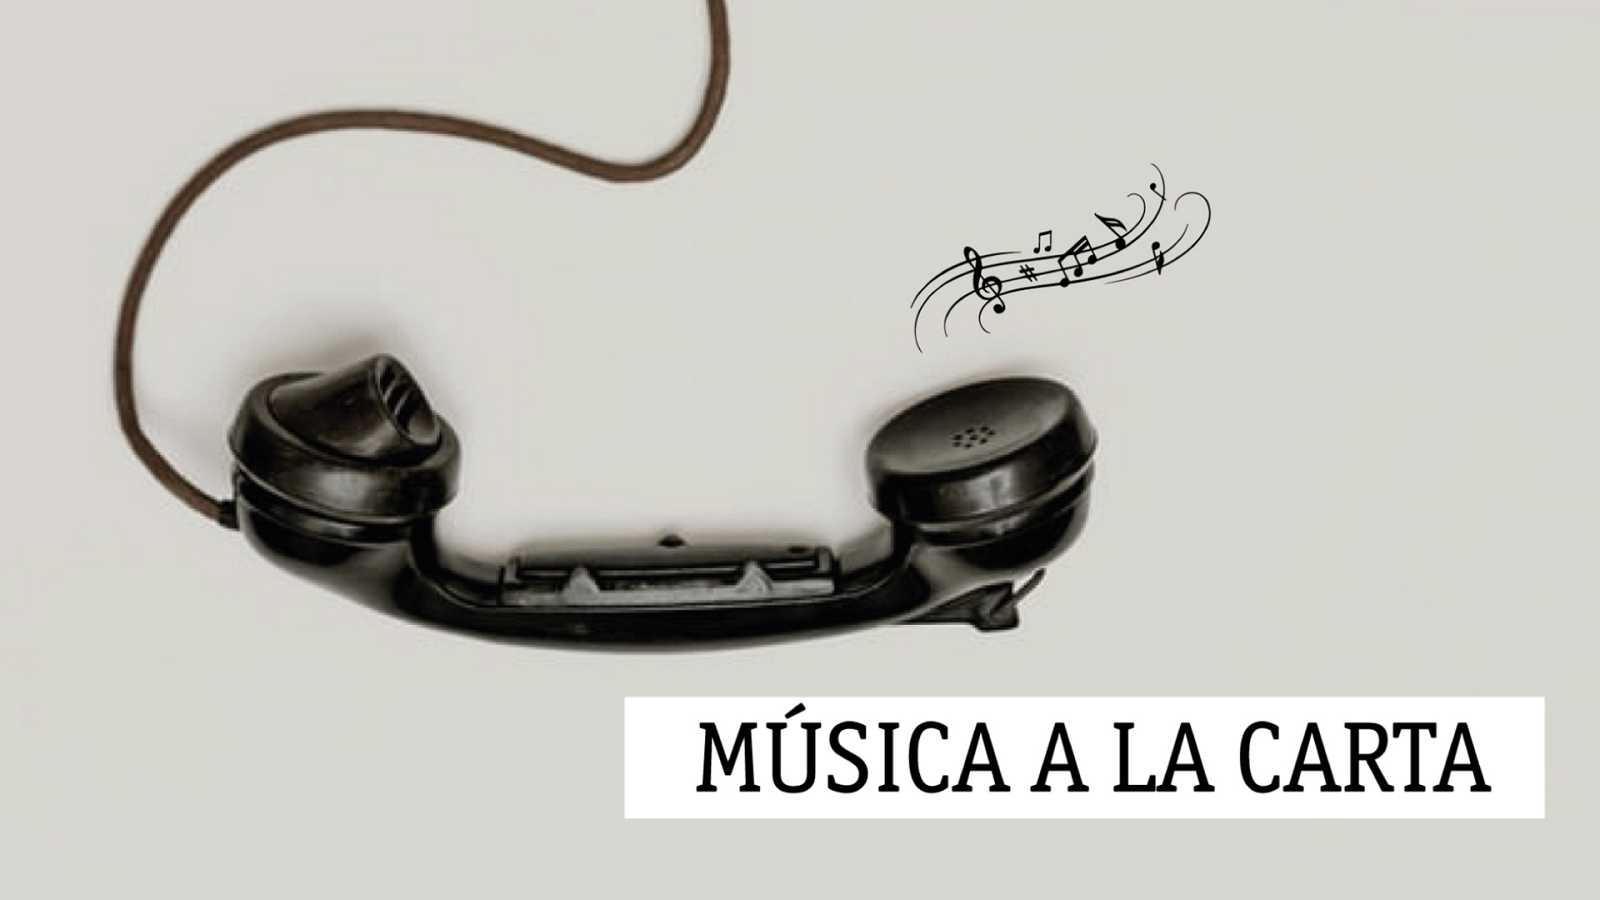 Música a la carta - 06/05/21 - escuchar ahora